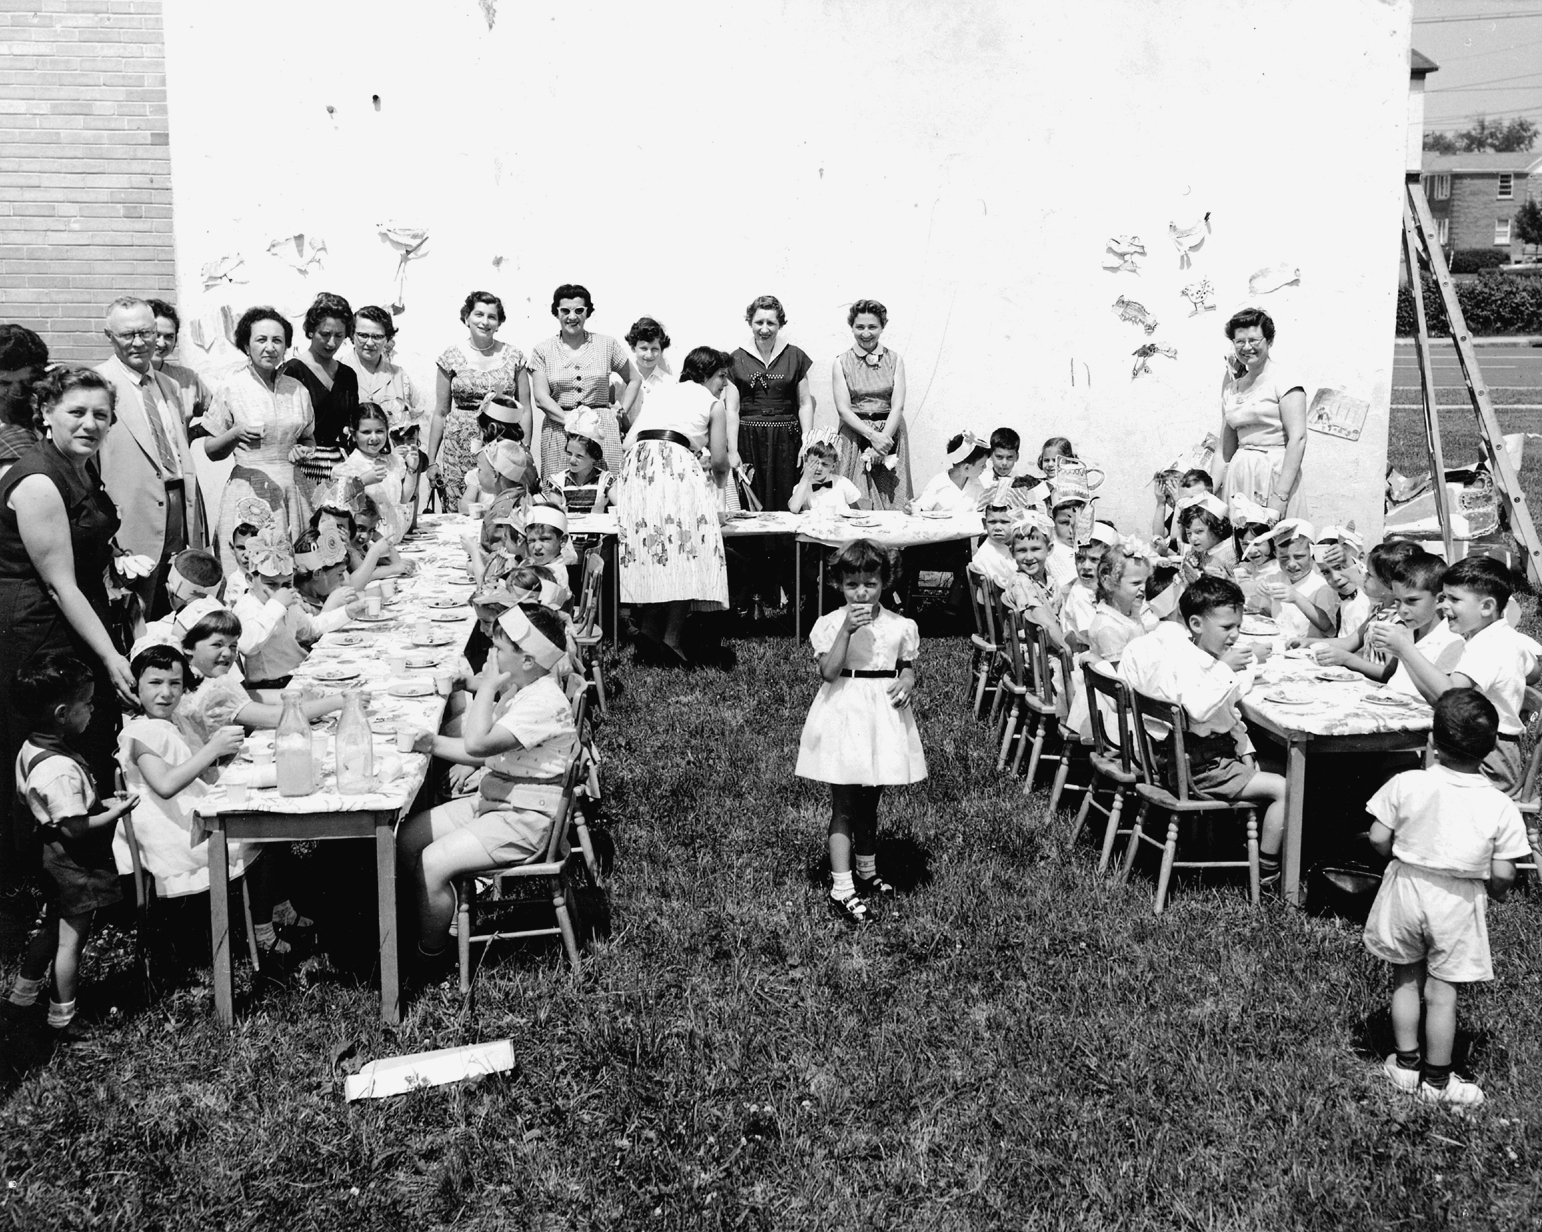 Une cinquantaine d'élèves accompagnés de parents font un pique-nique à l'extérieur.